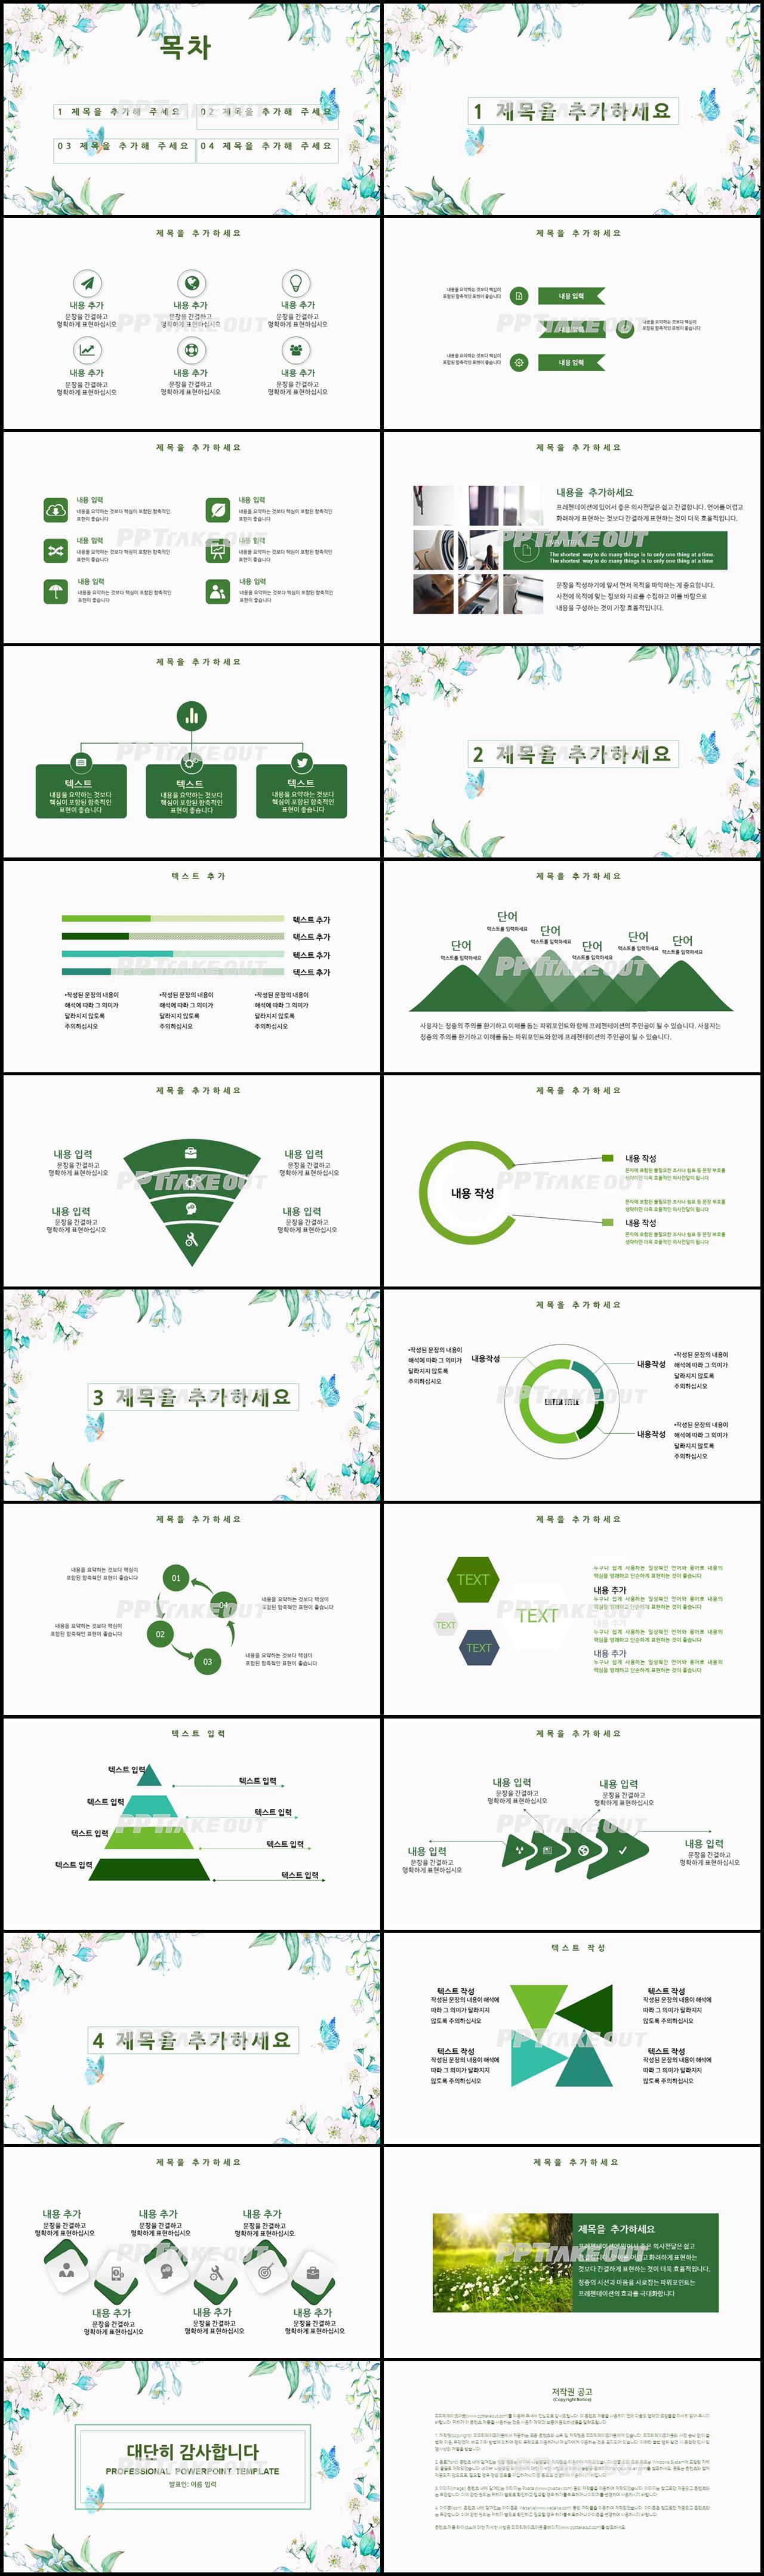 화초, 동식물 그린색 단정한 다양한 주제에 어울리는 피피티샘플 디자인 상세보기